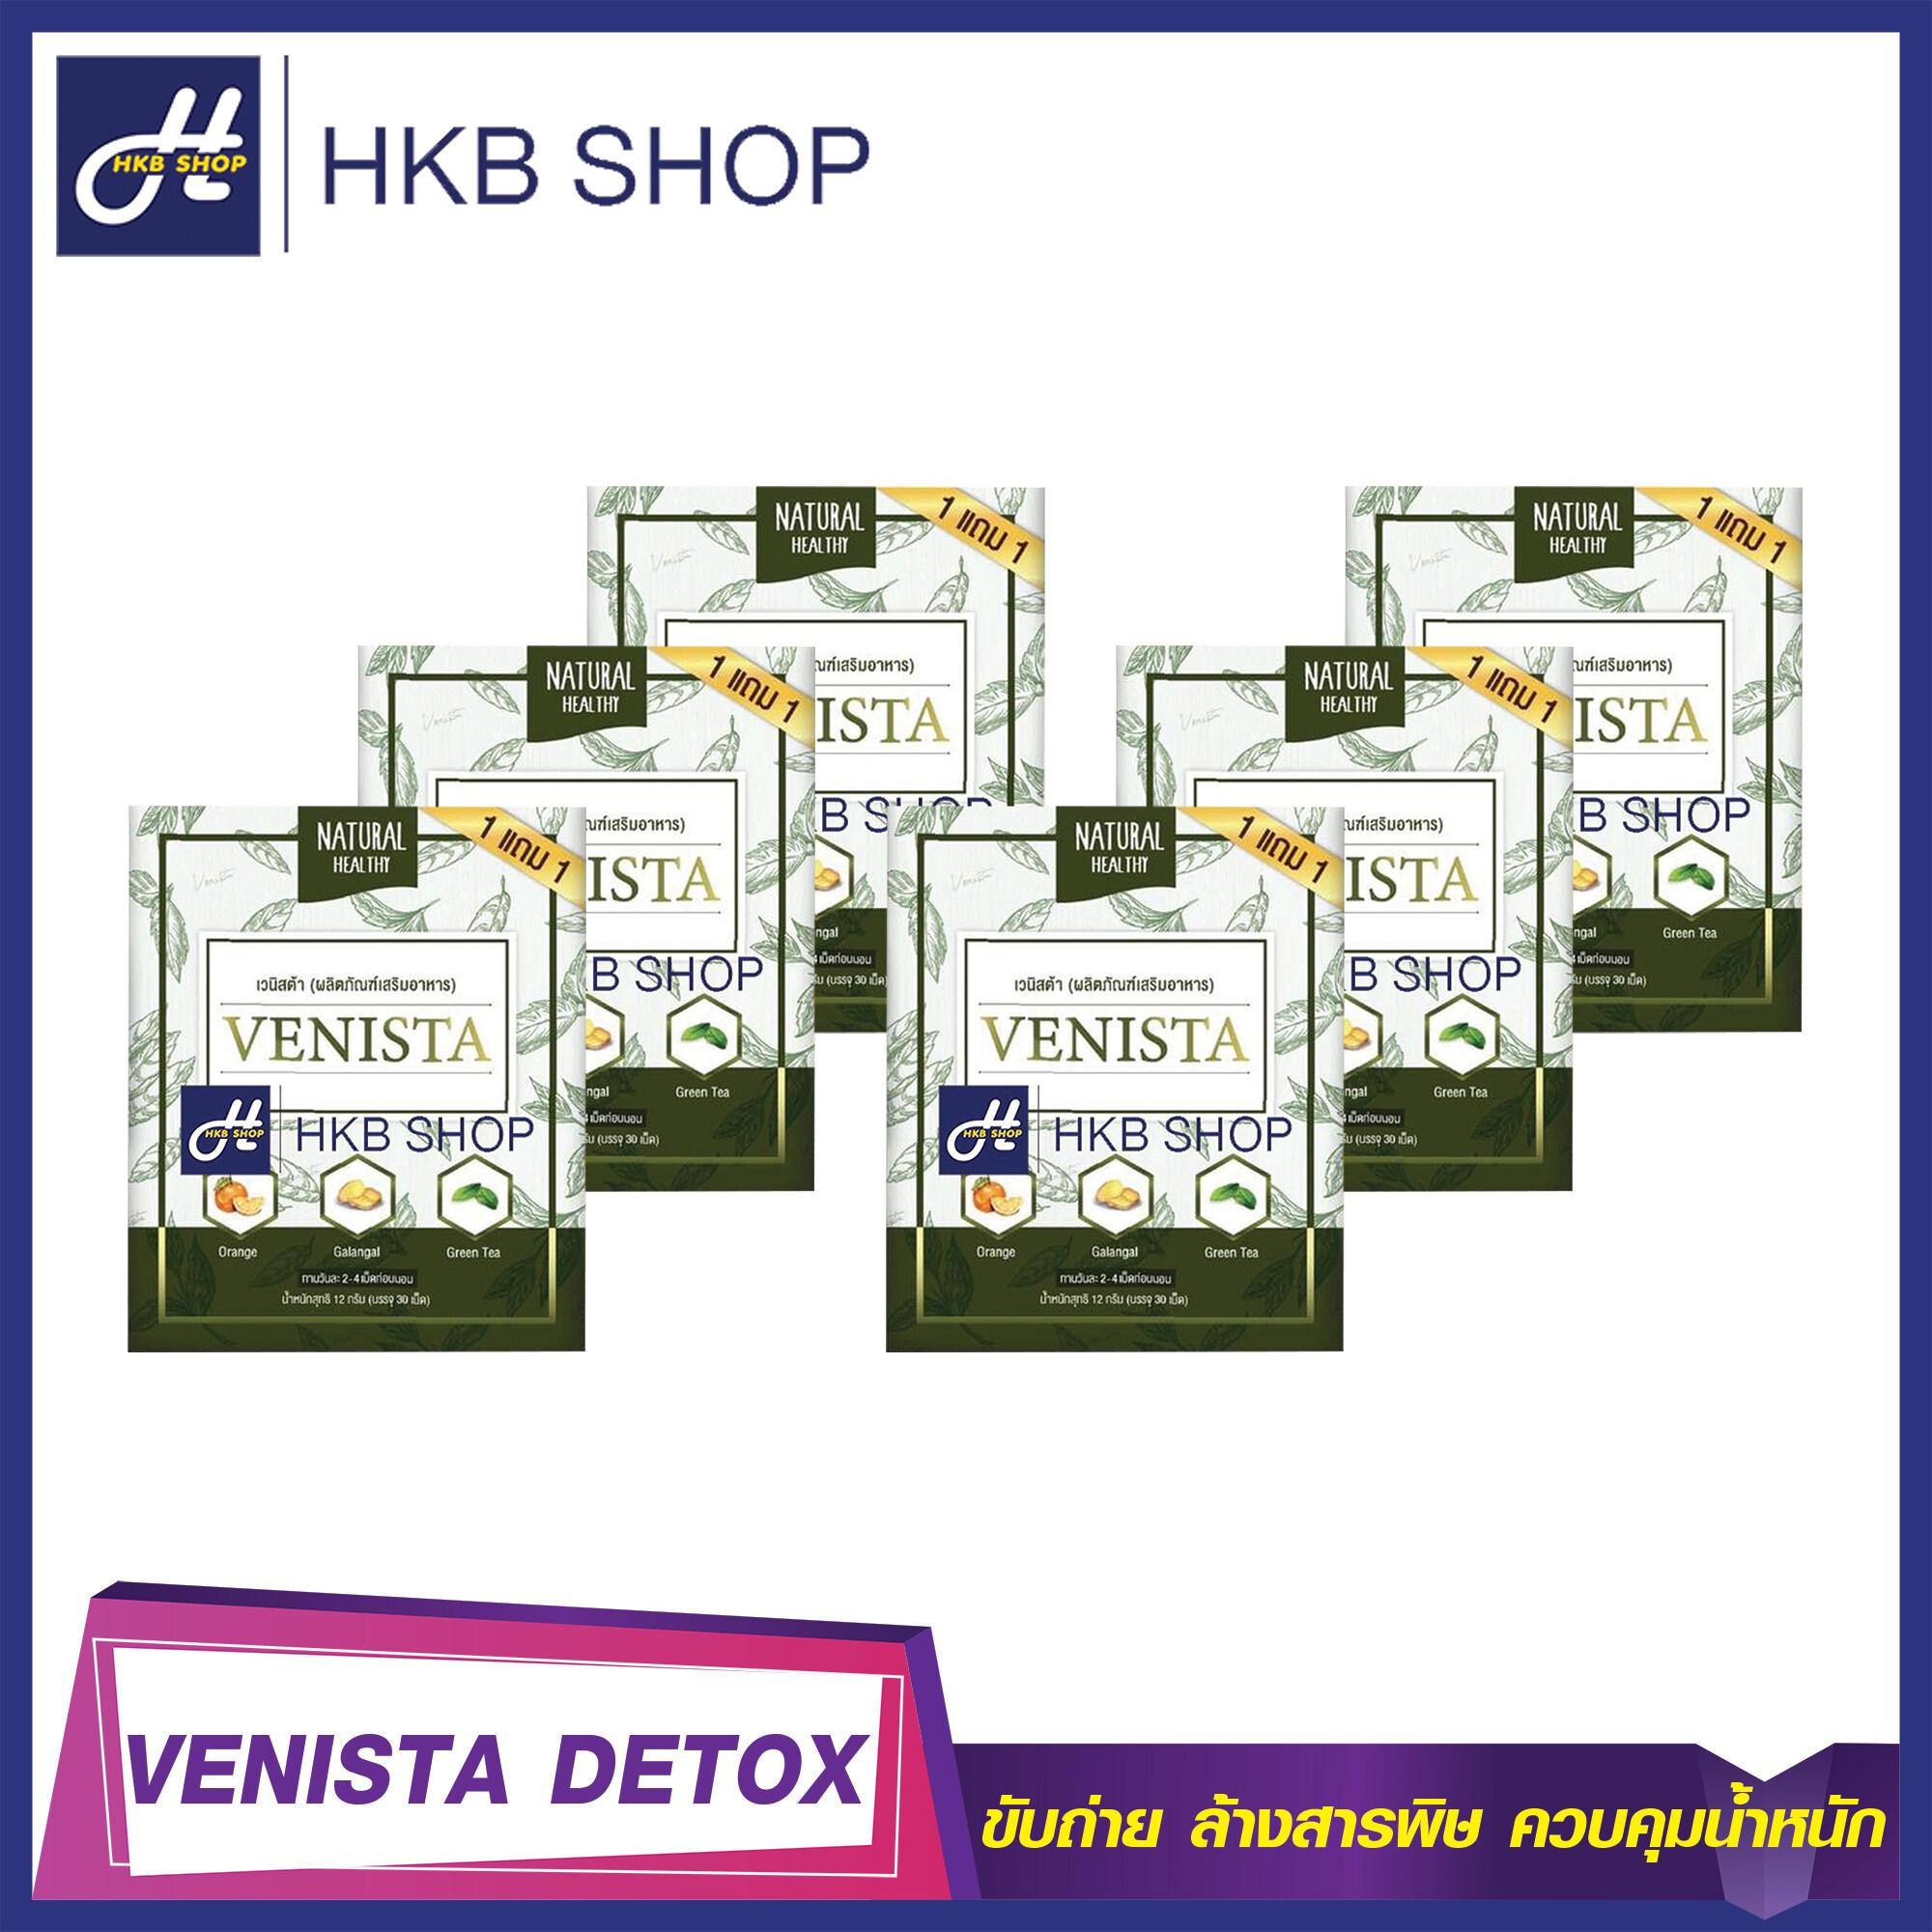 ⚡️3แถม3⚡️ Venista Detox เวนิสต้า ดีทอกซ์ อาหารเสริมช่วยขับถ่าย By Hkb Shop.